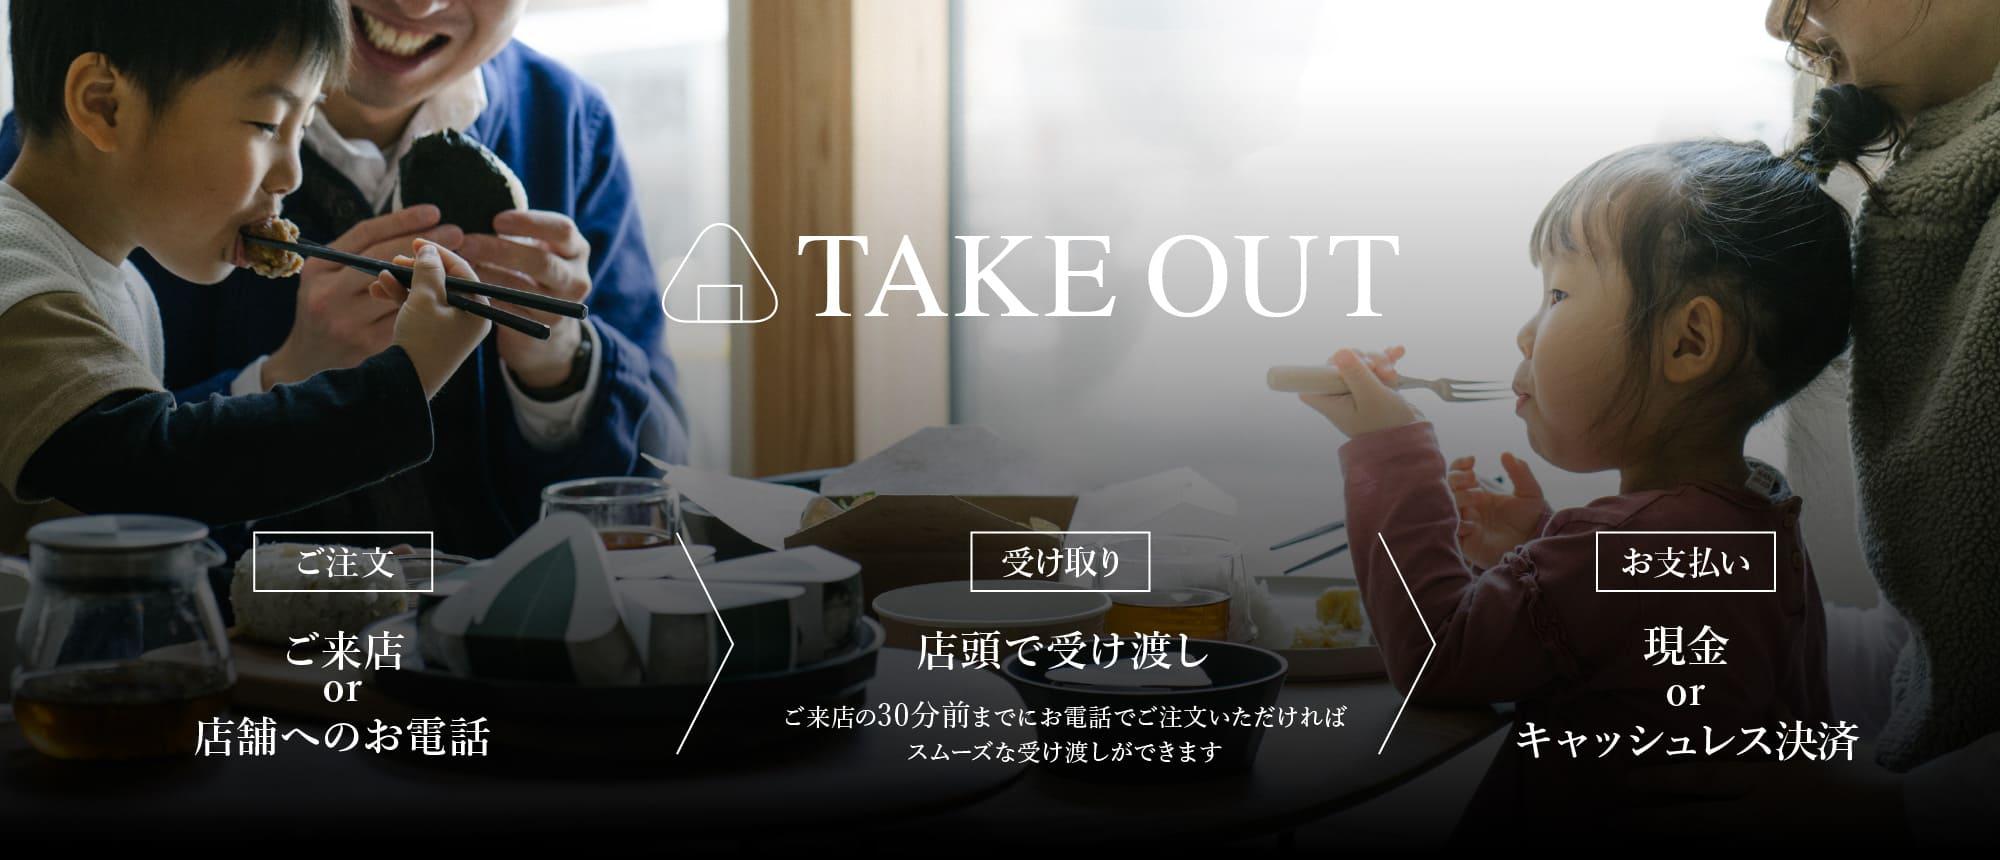 takeout_menu